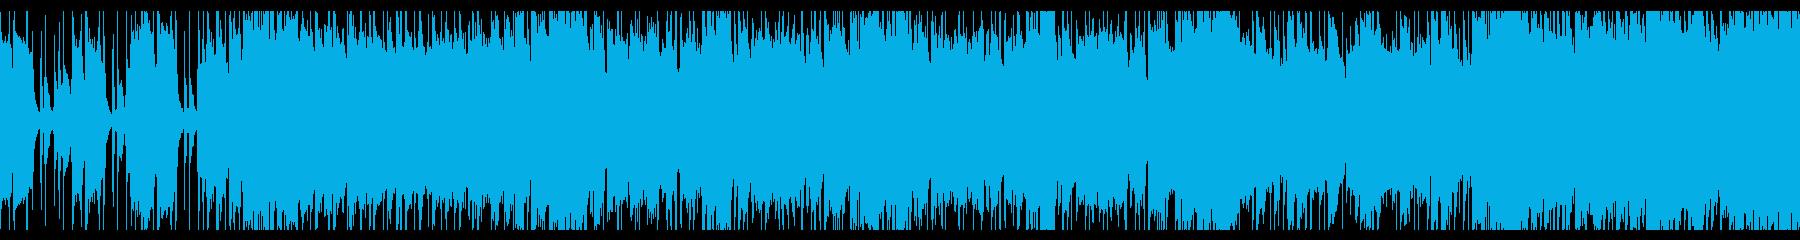 早く力強いギターロック(ループ用)の再生済みの波形